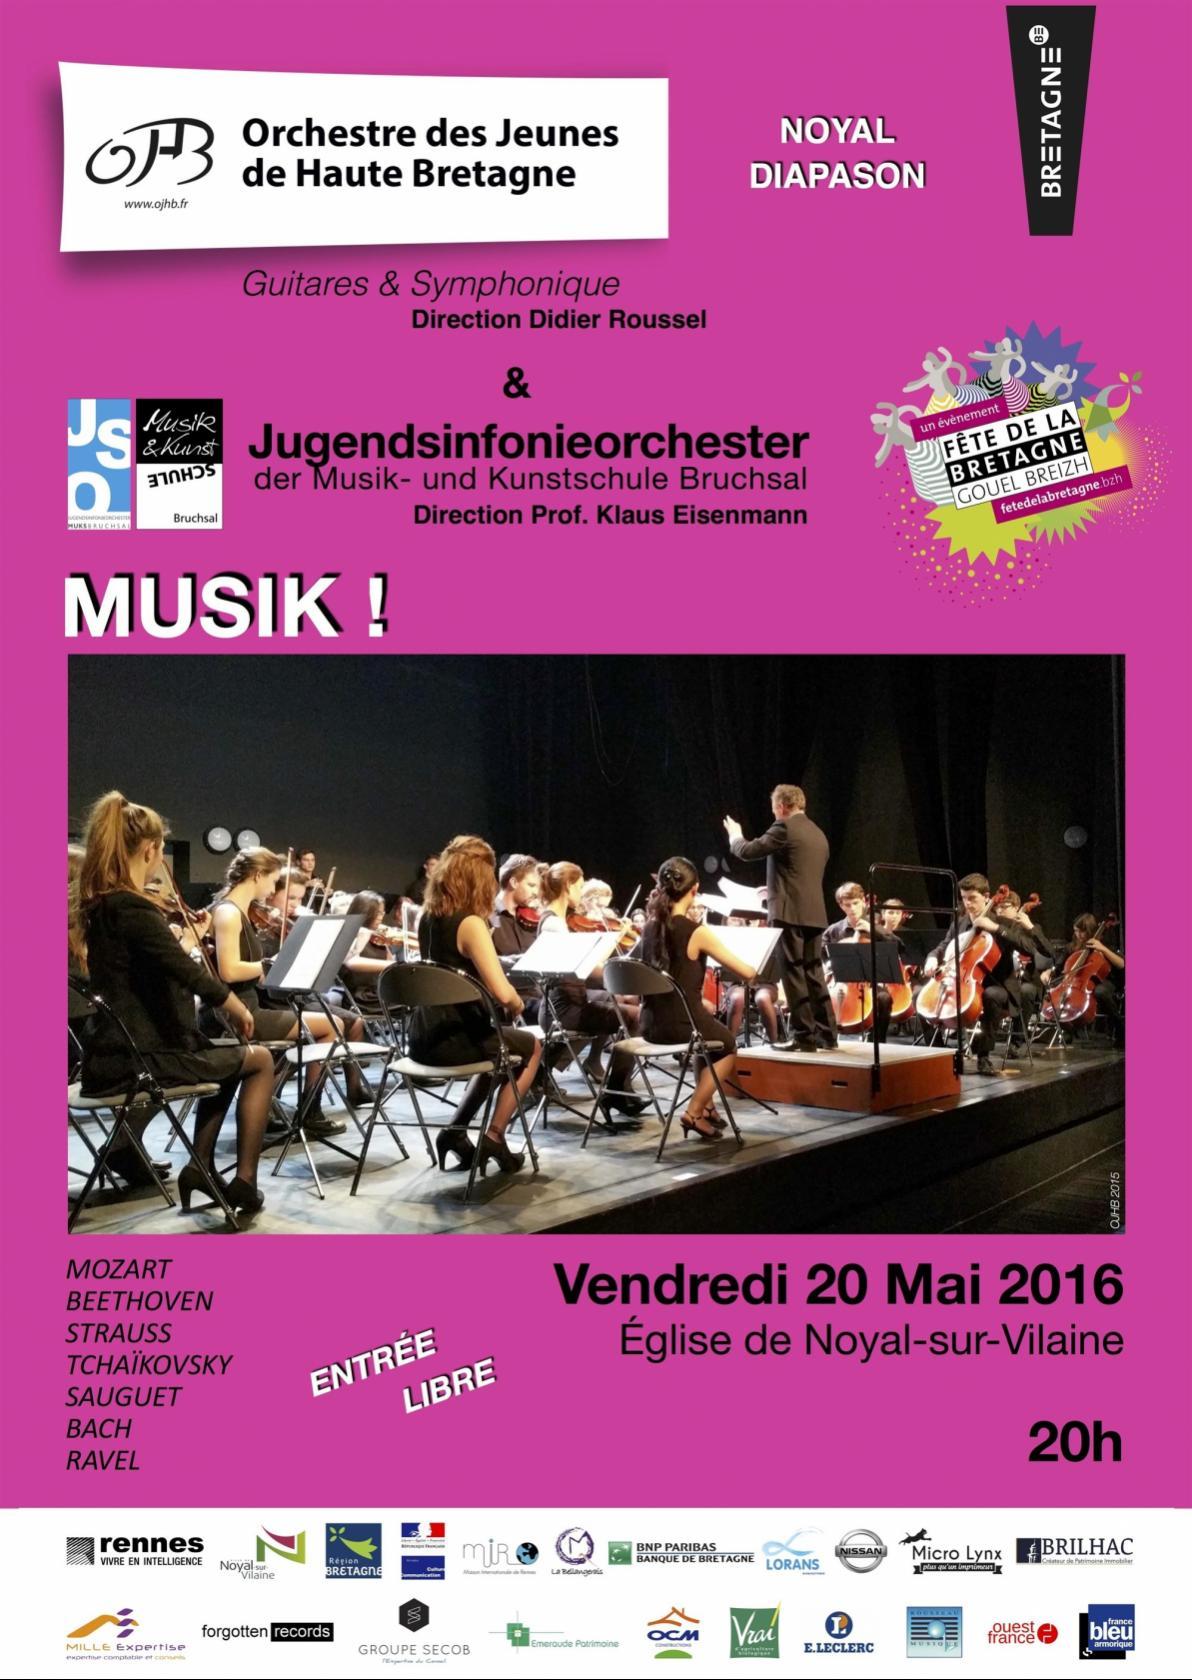 Muzik ! avec l'Orchestre des Jeunes de Haute Bretagne Noyal-sur-Vilaine